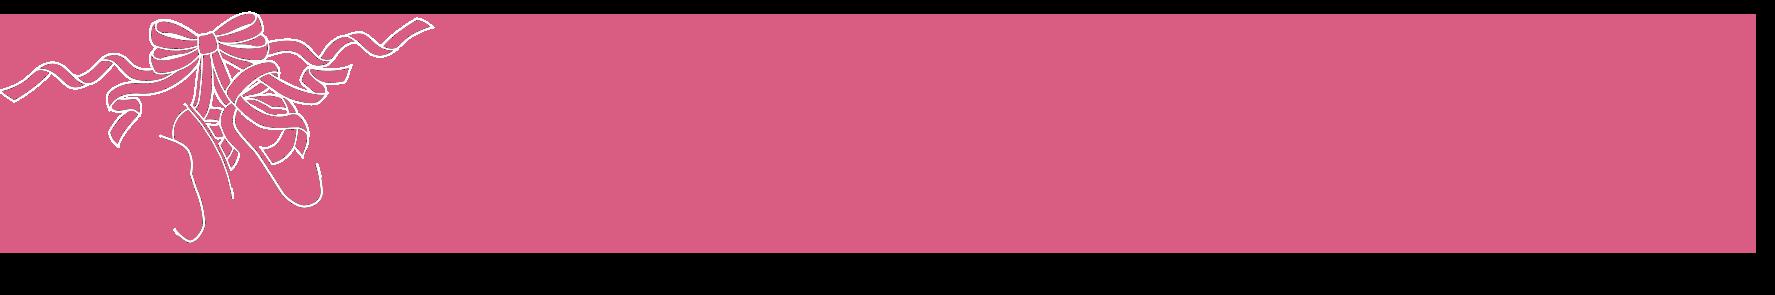 大阪府箕面市のバレエ教室 要垣内康子バレエスタジオ